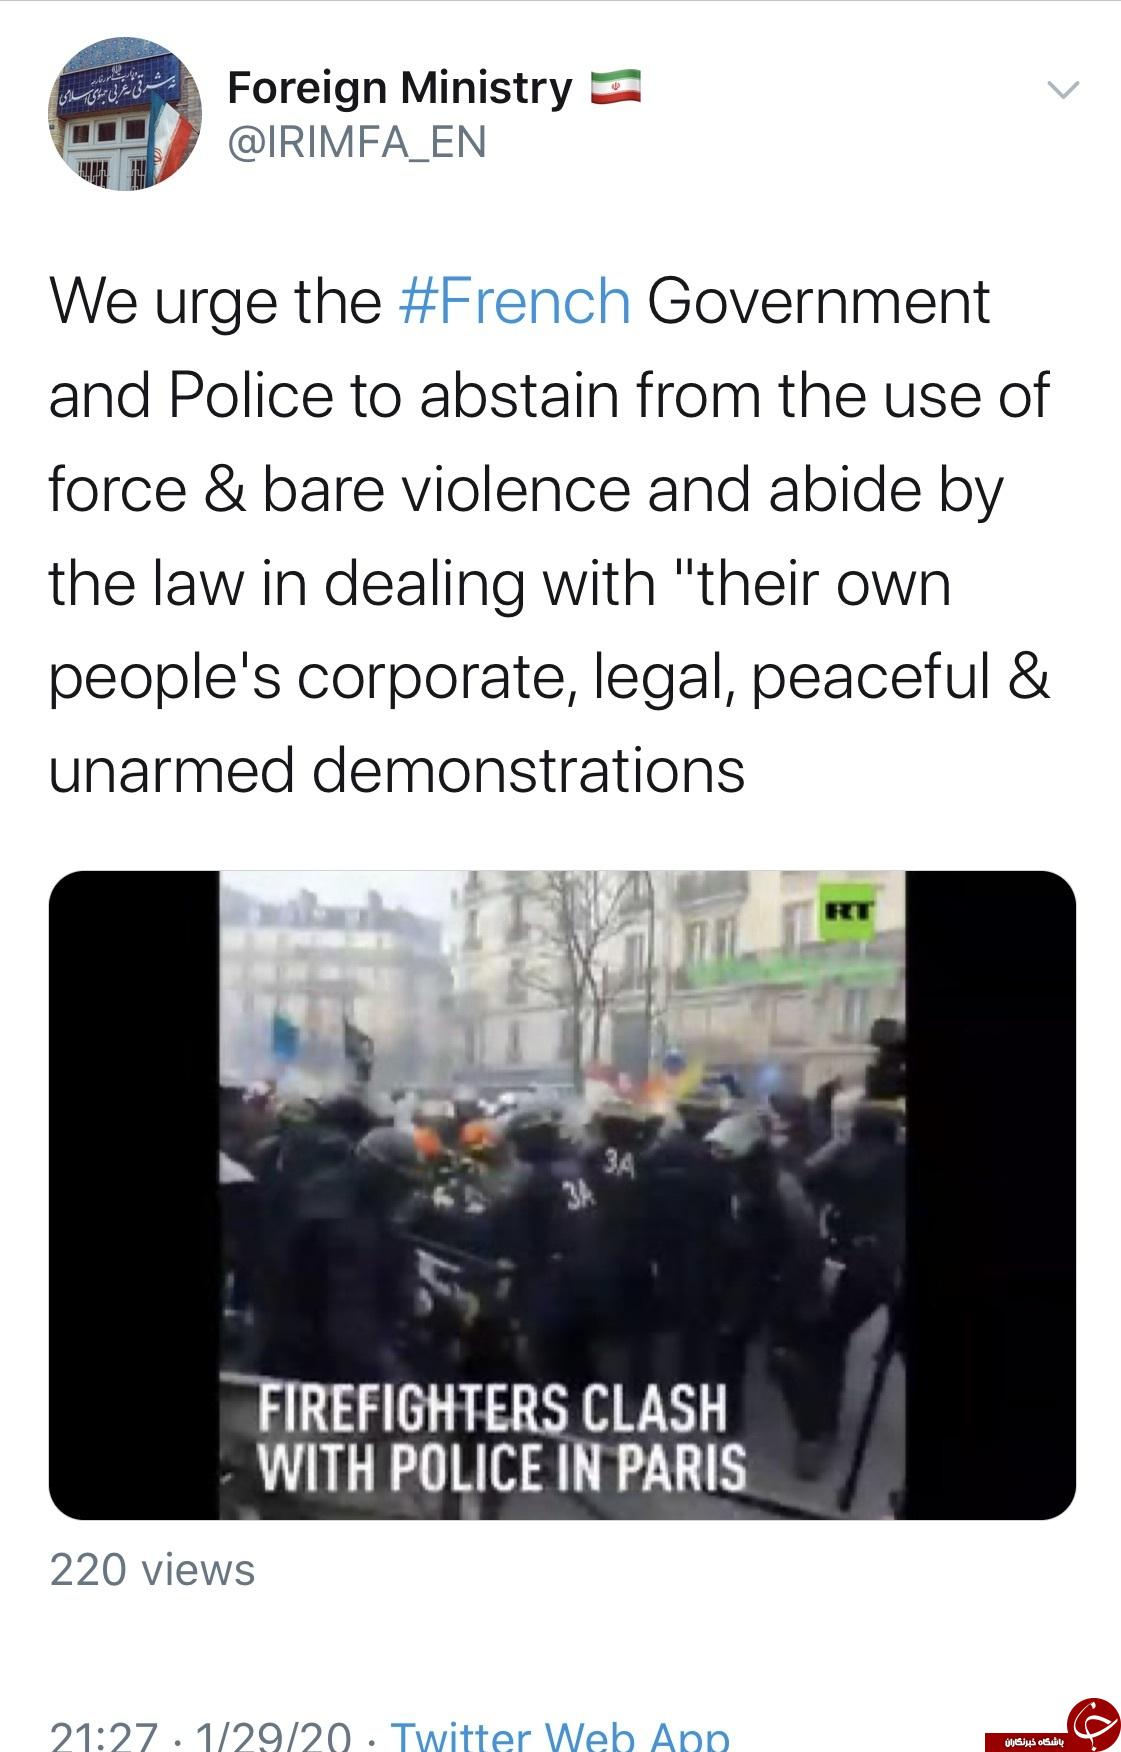 ایران دولت و پلیس فرانسه را به خودداری از کاربرد زور و خشونت علیه تظاهرکنندگان فراخواند